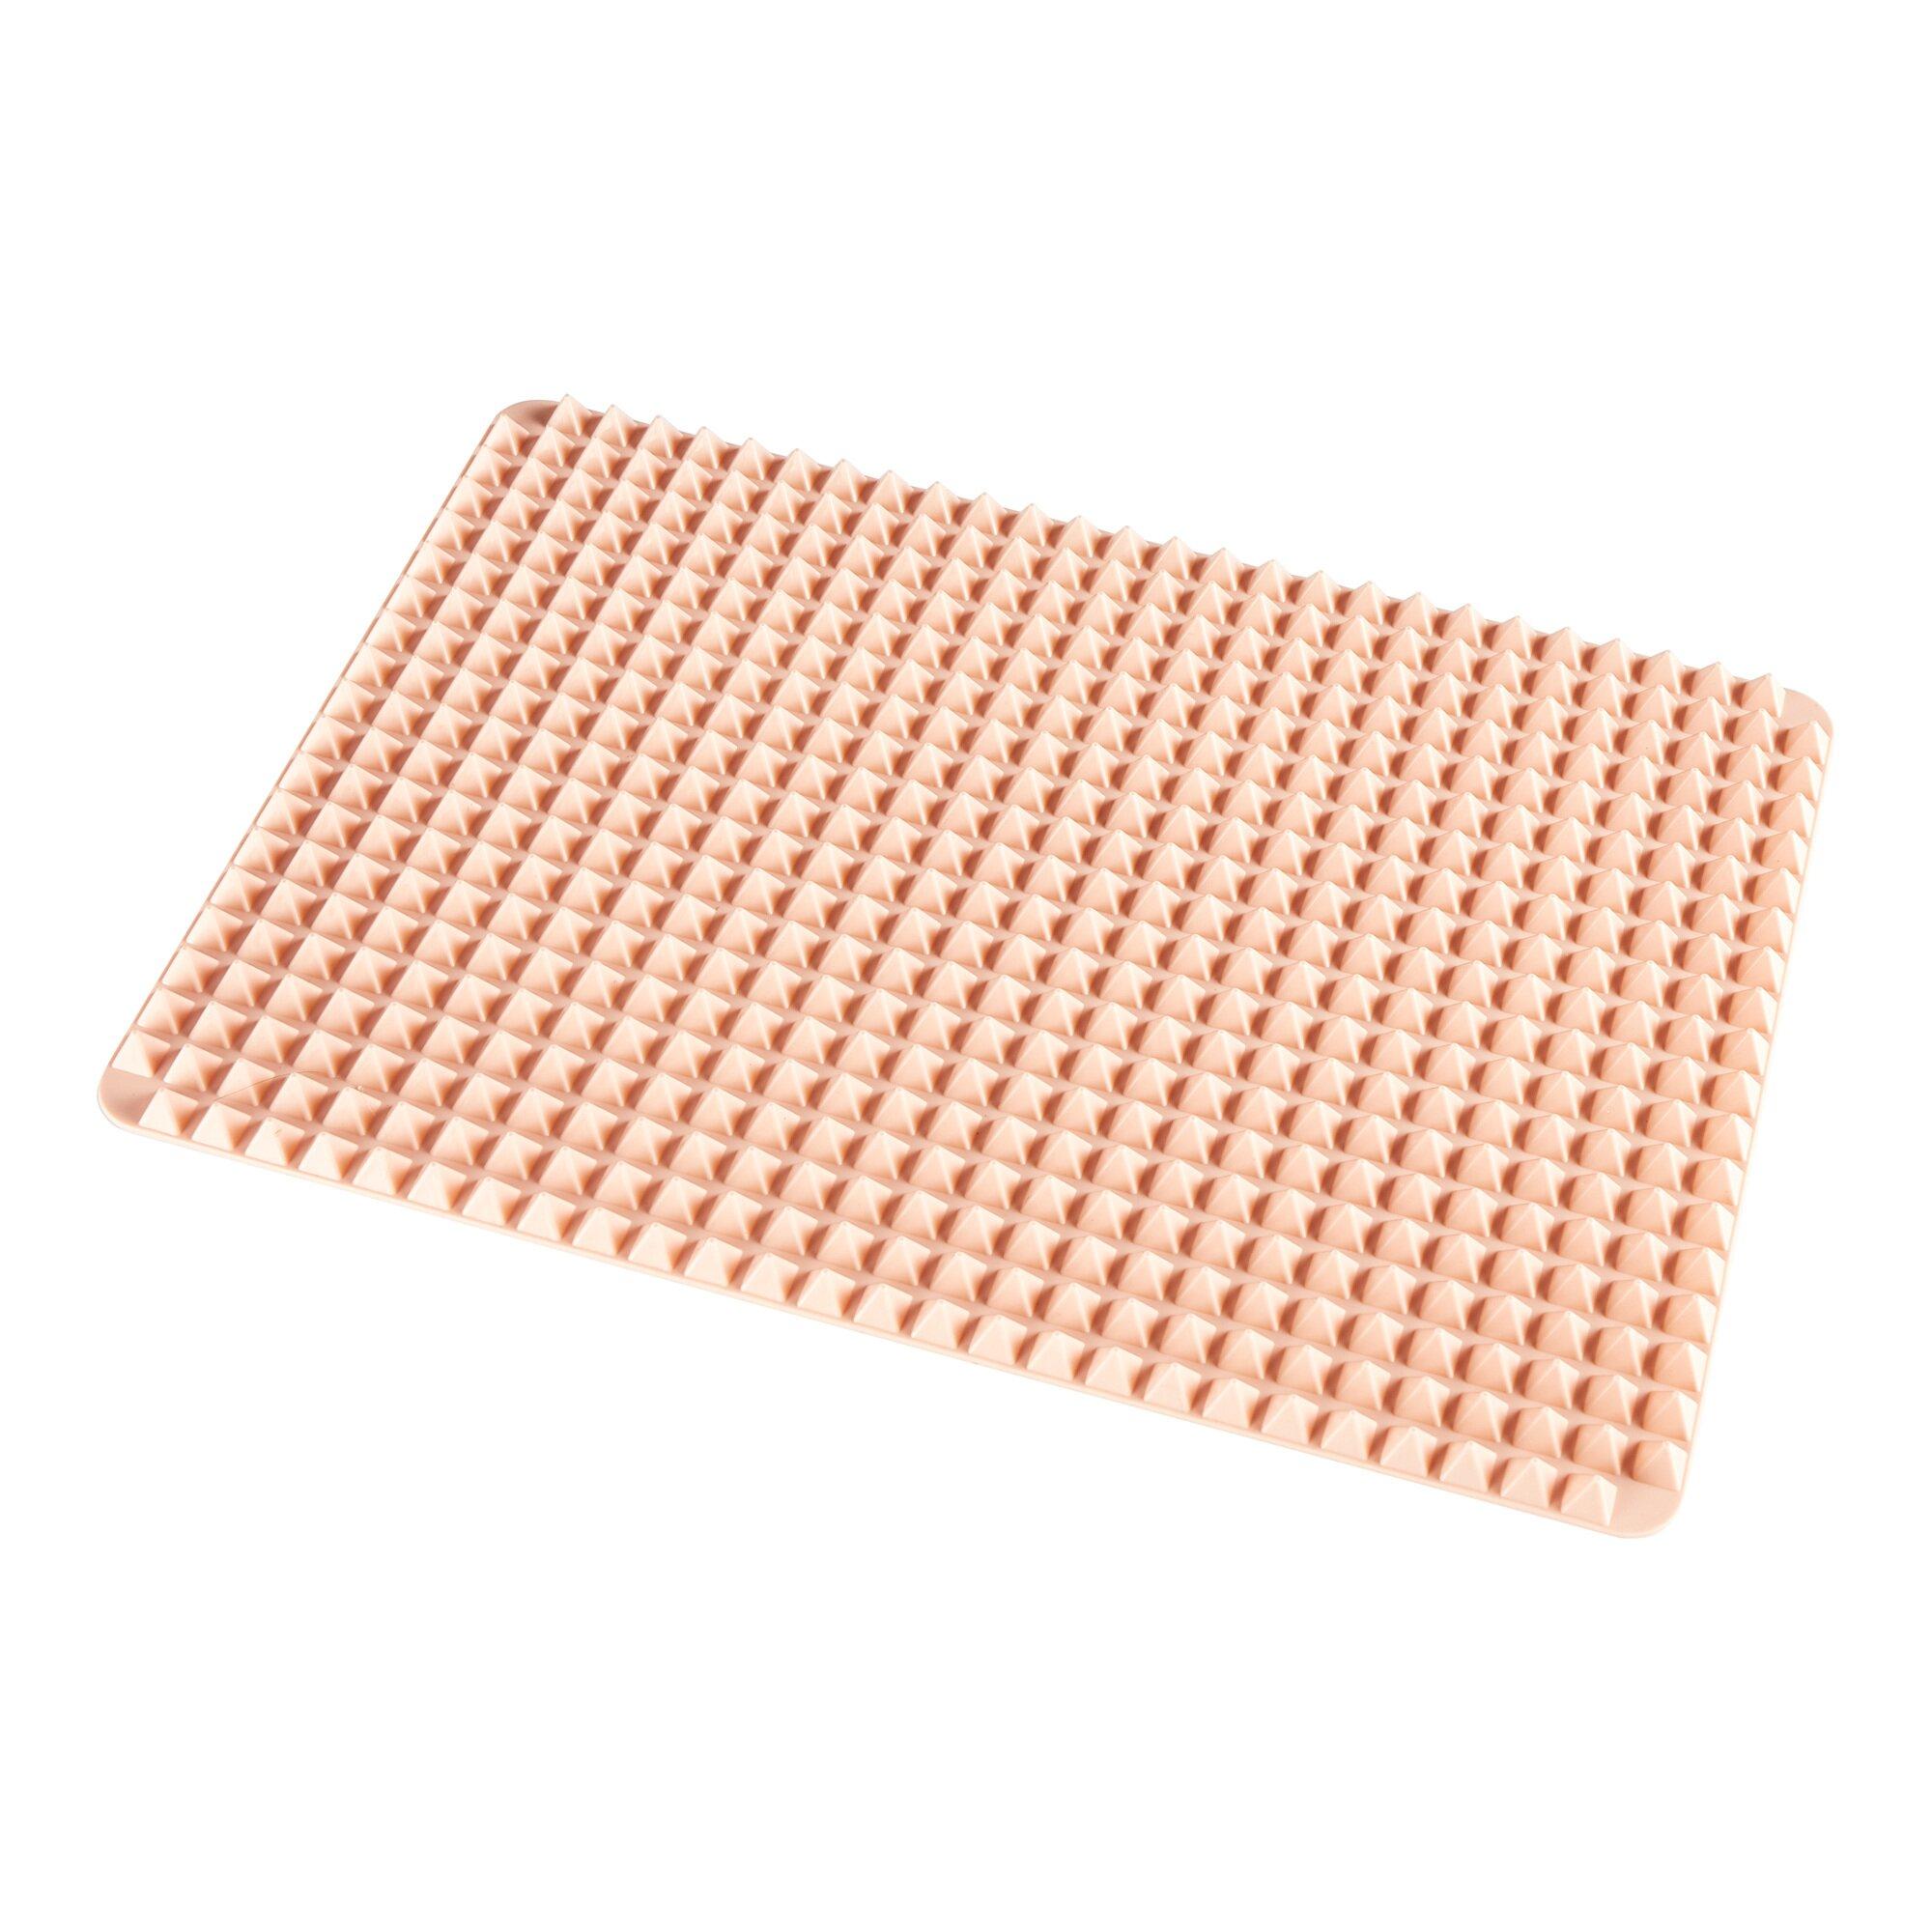 Image of Knusper-Backmatte